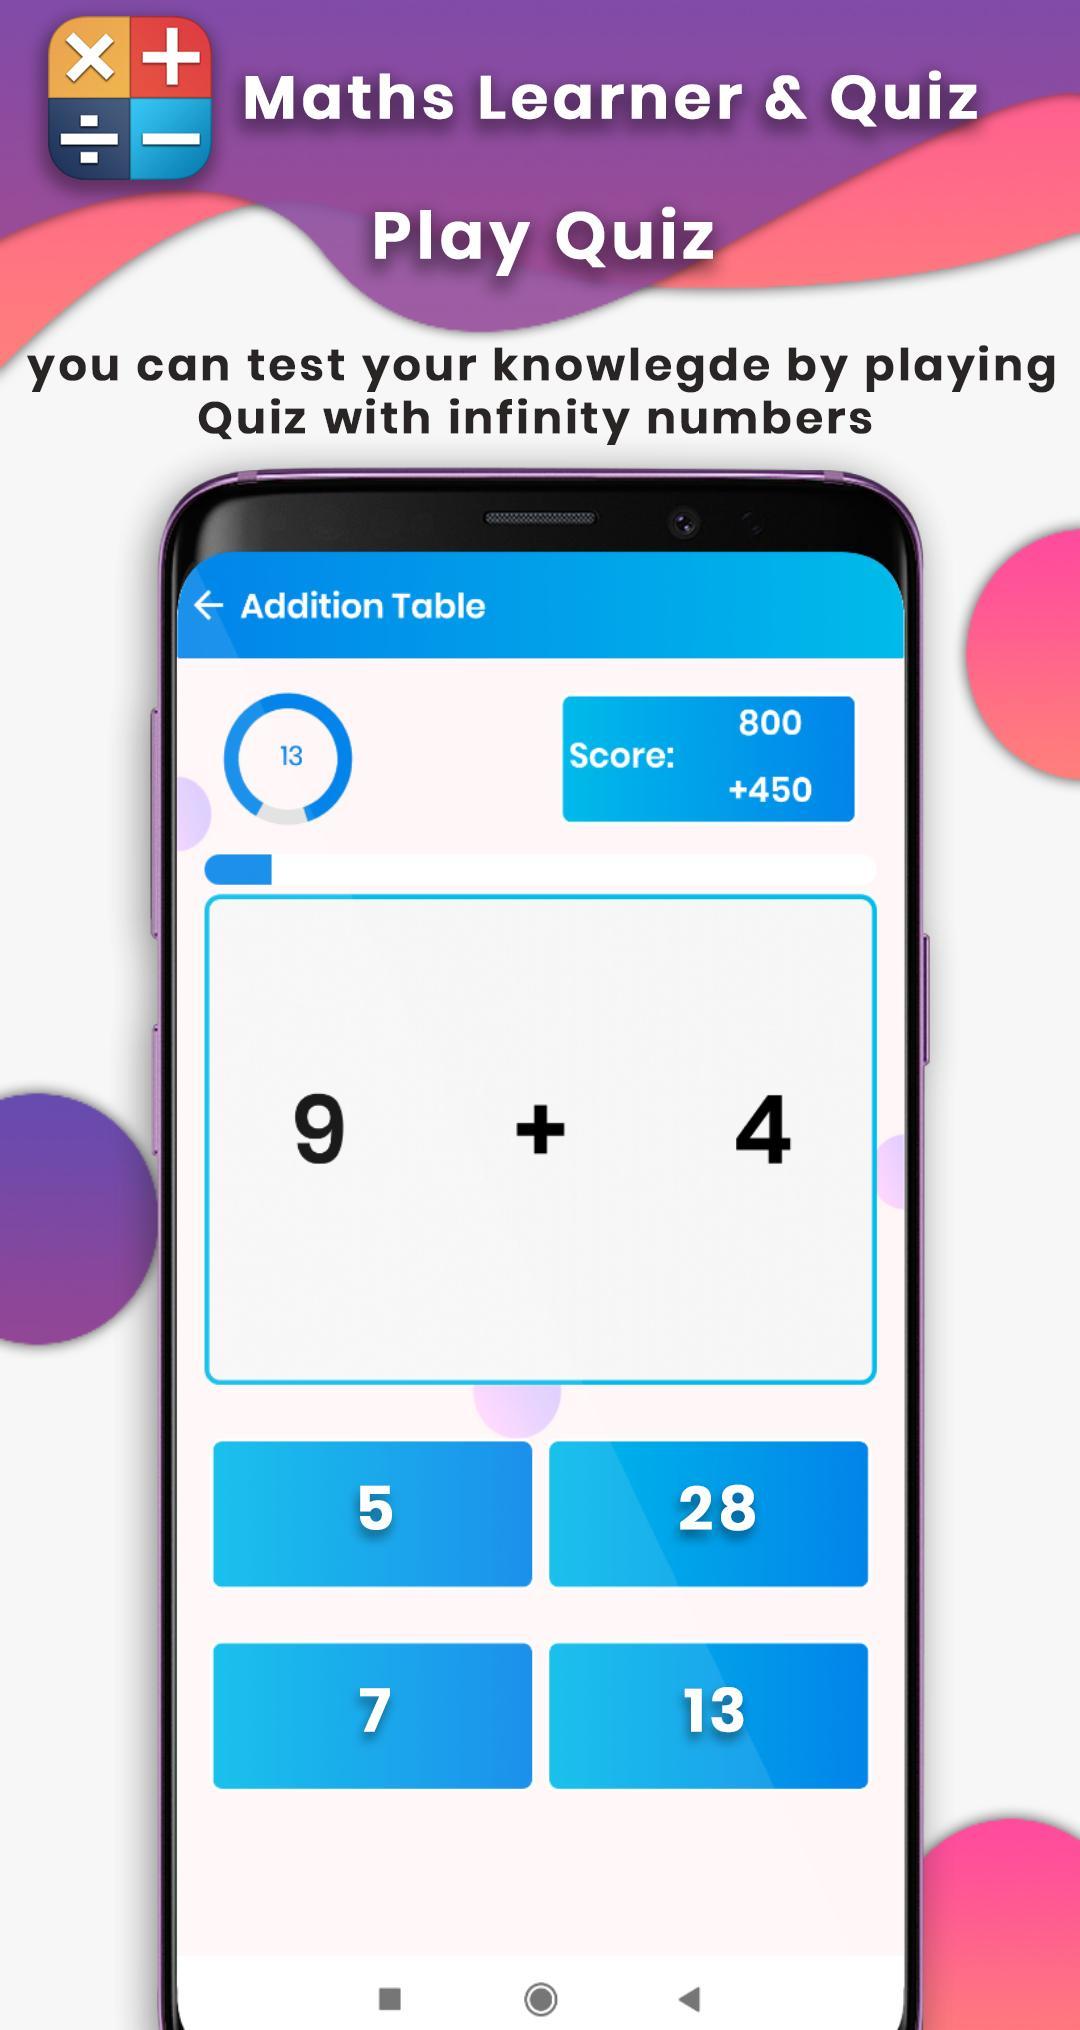 Apprenant En Maths : Jeux Éducatifs Pour Android intérieur Jeux Educatif Table De Multiplication